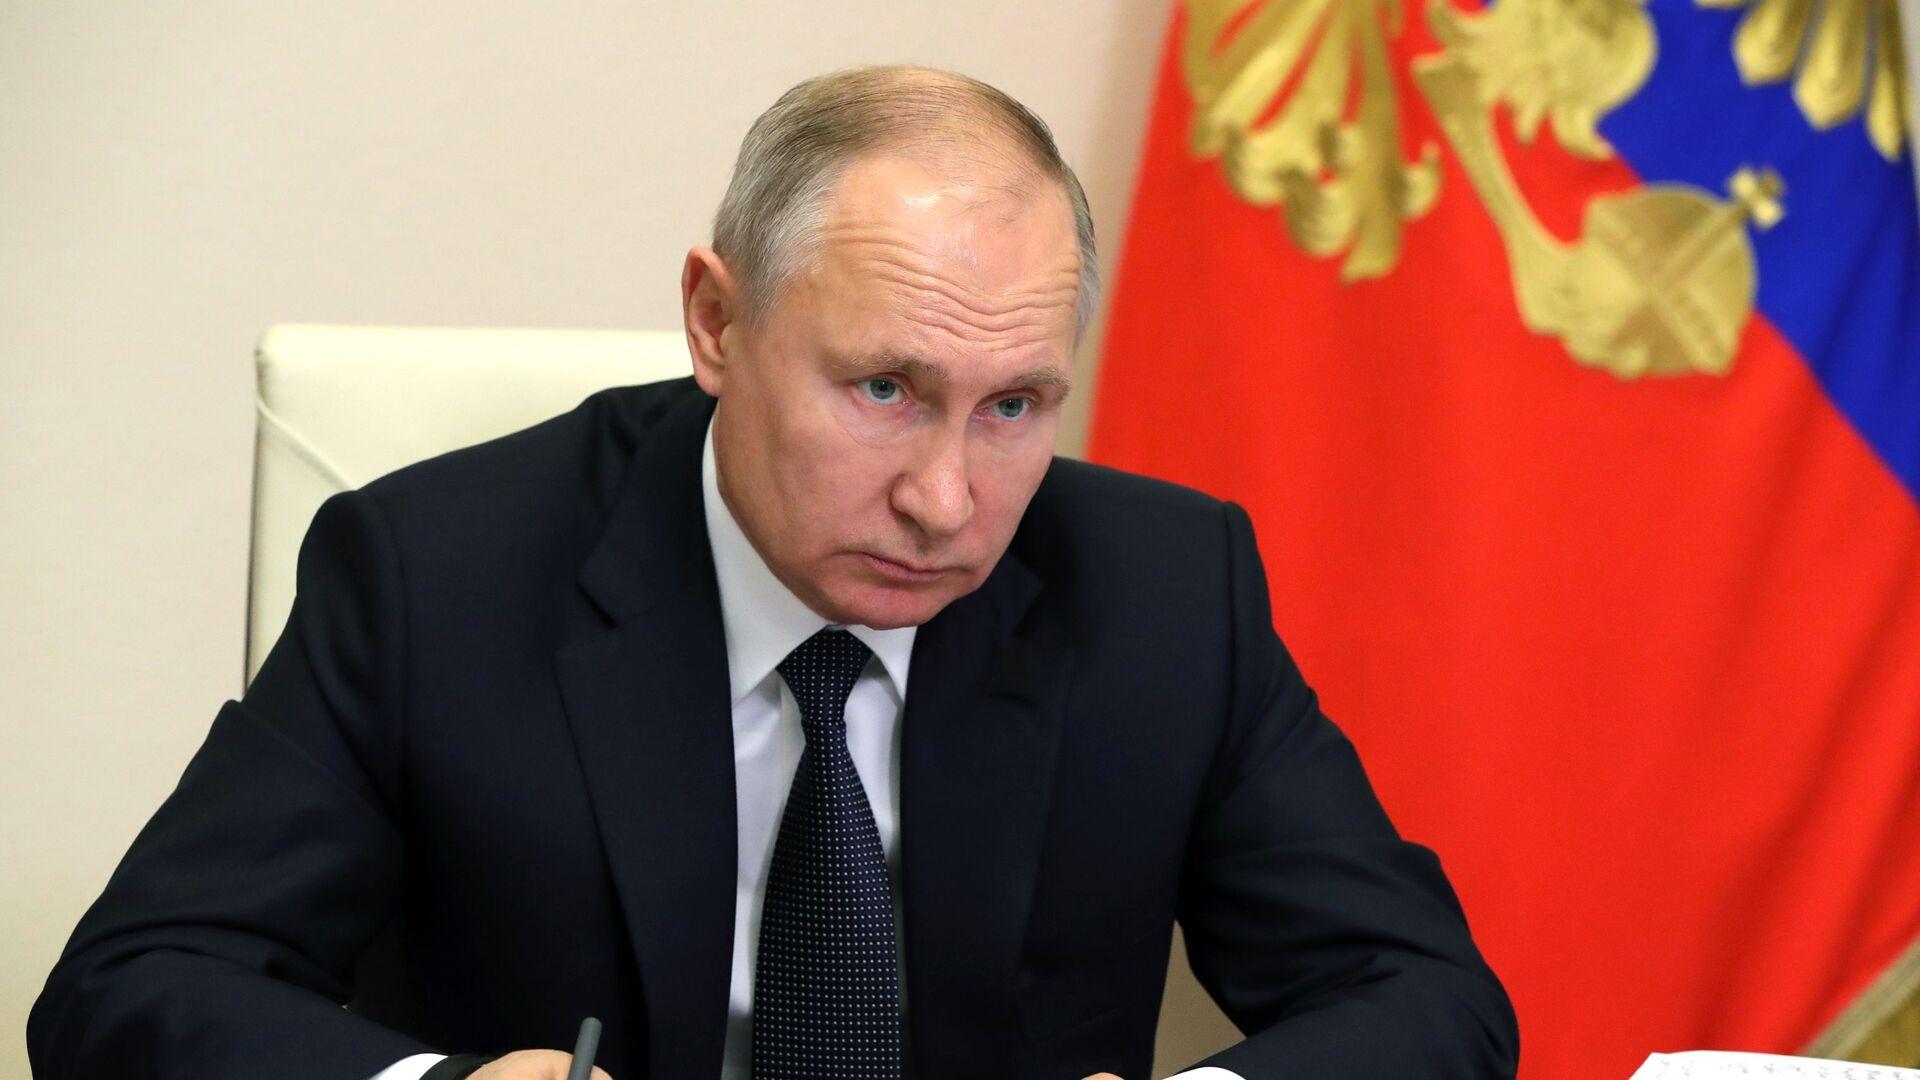 Vladímir Putin, el presidente de Rusia, en una reunión sobre el desarrollo estratégico y los proyectos nacionales - Sputnik Mundo, 1920, 22.06.2021